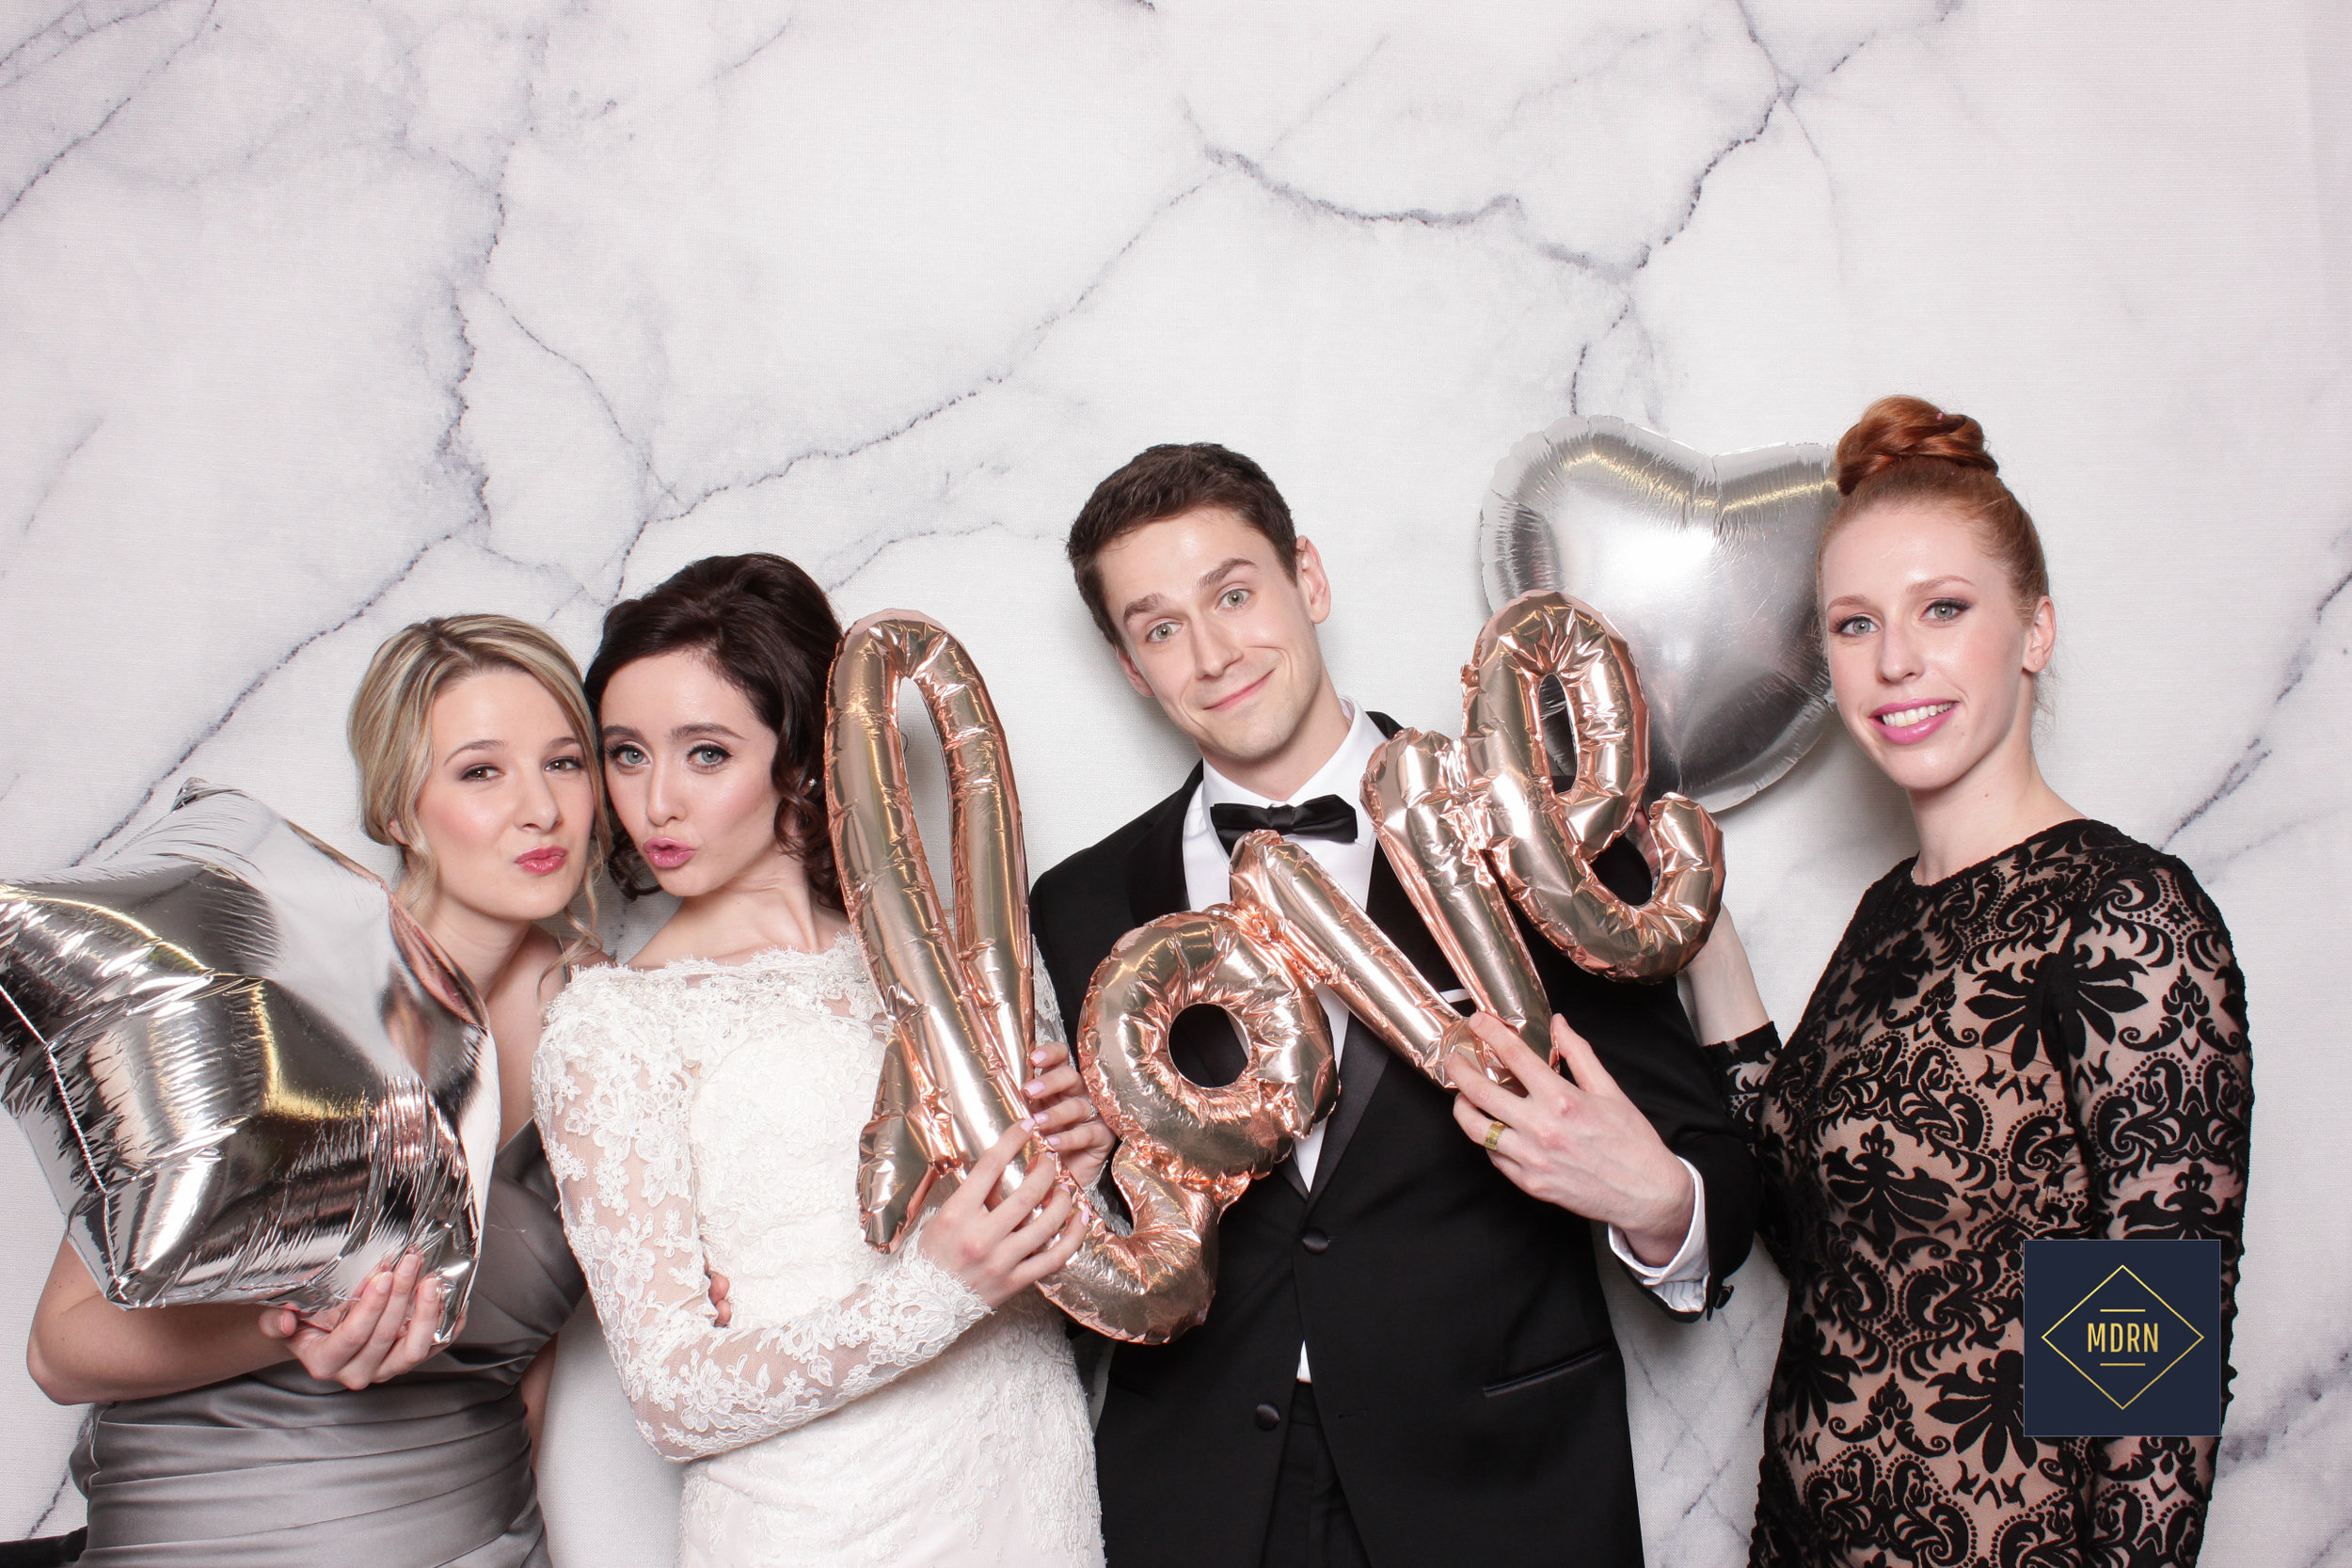 Metallic Balloon Props for a wedding